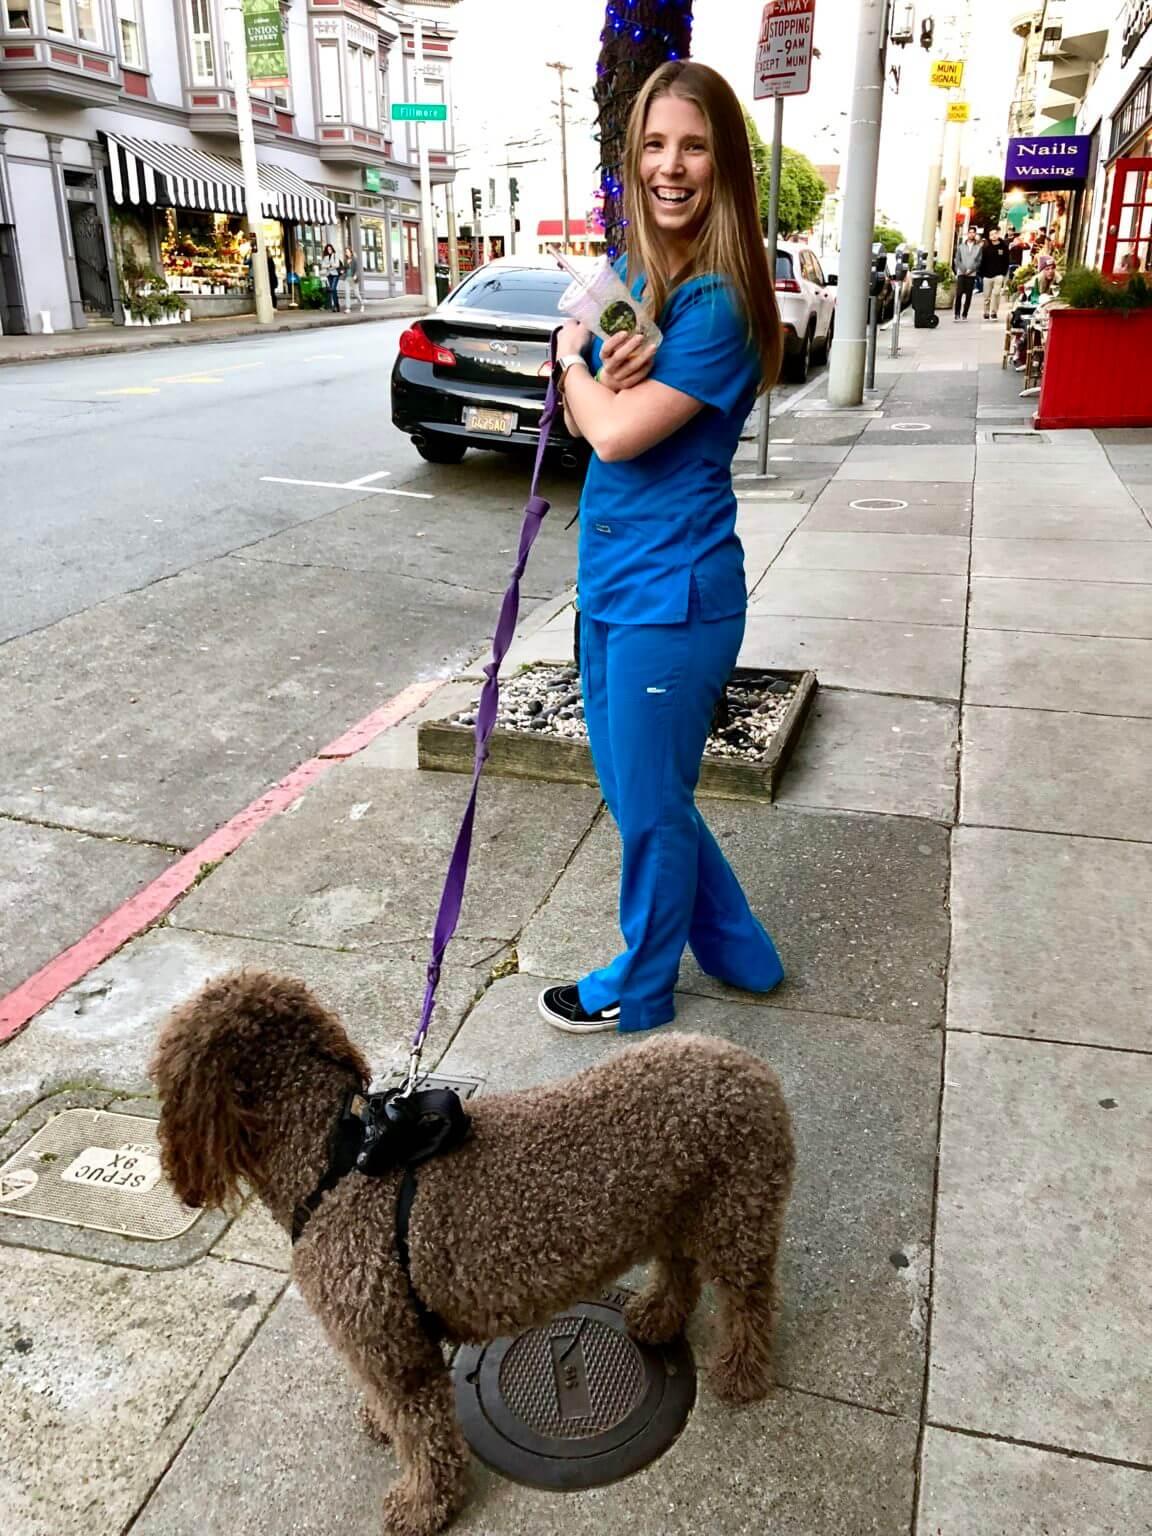 nurse on sidewalk walking dog smiling registered nurse hours 12 hour shifts